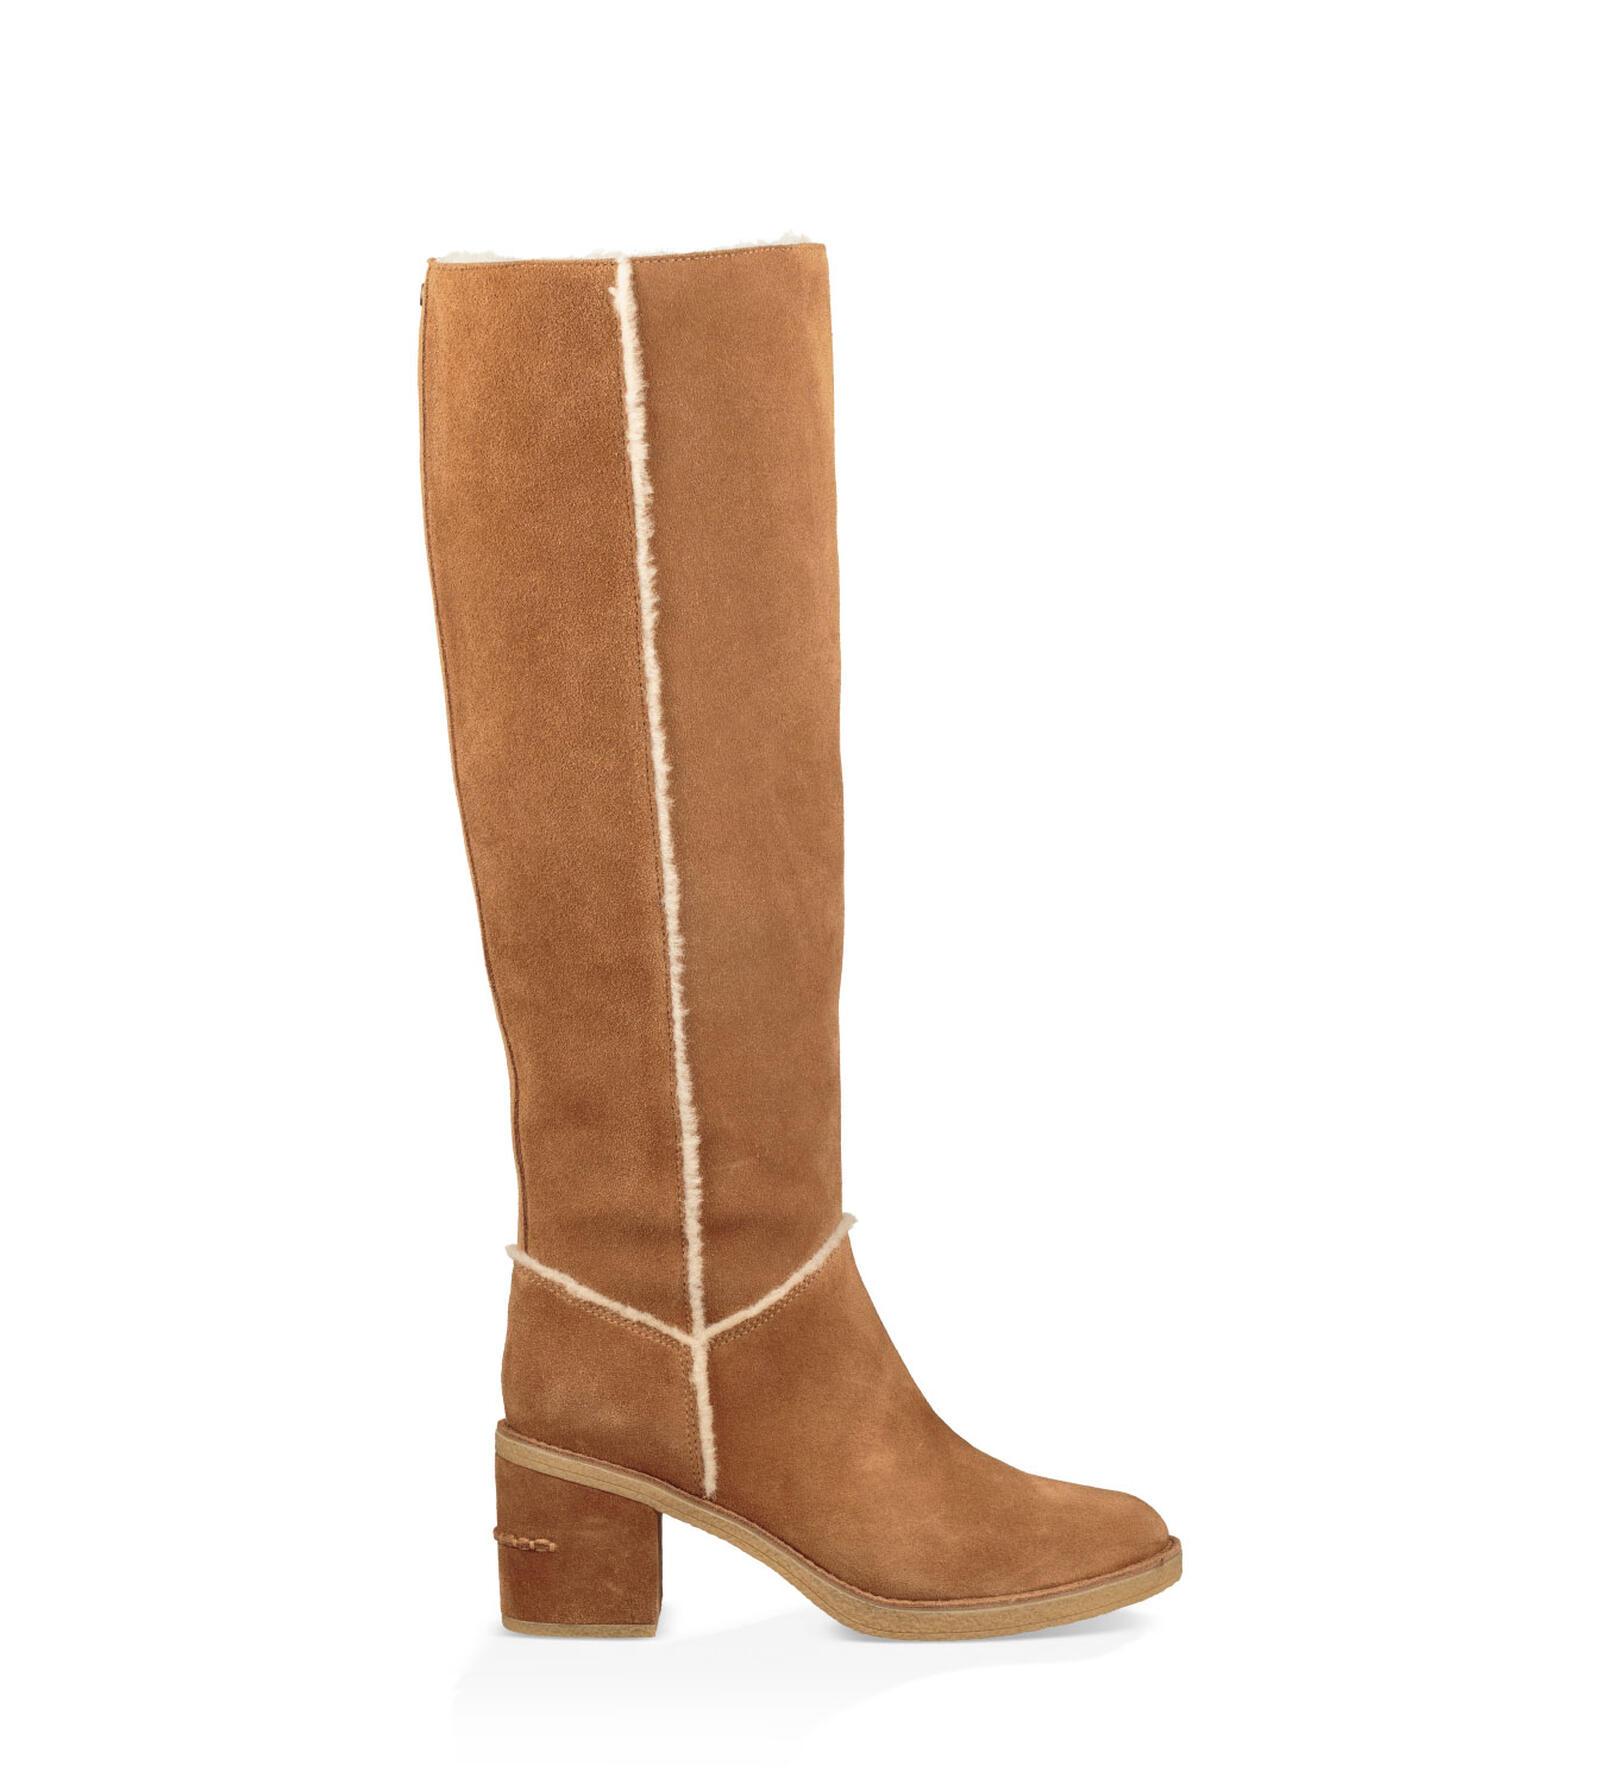 Kasen Tall II Boot